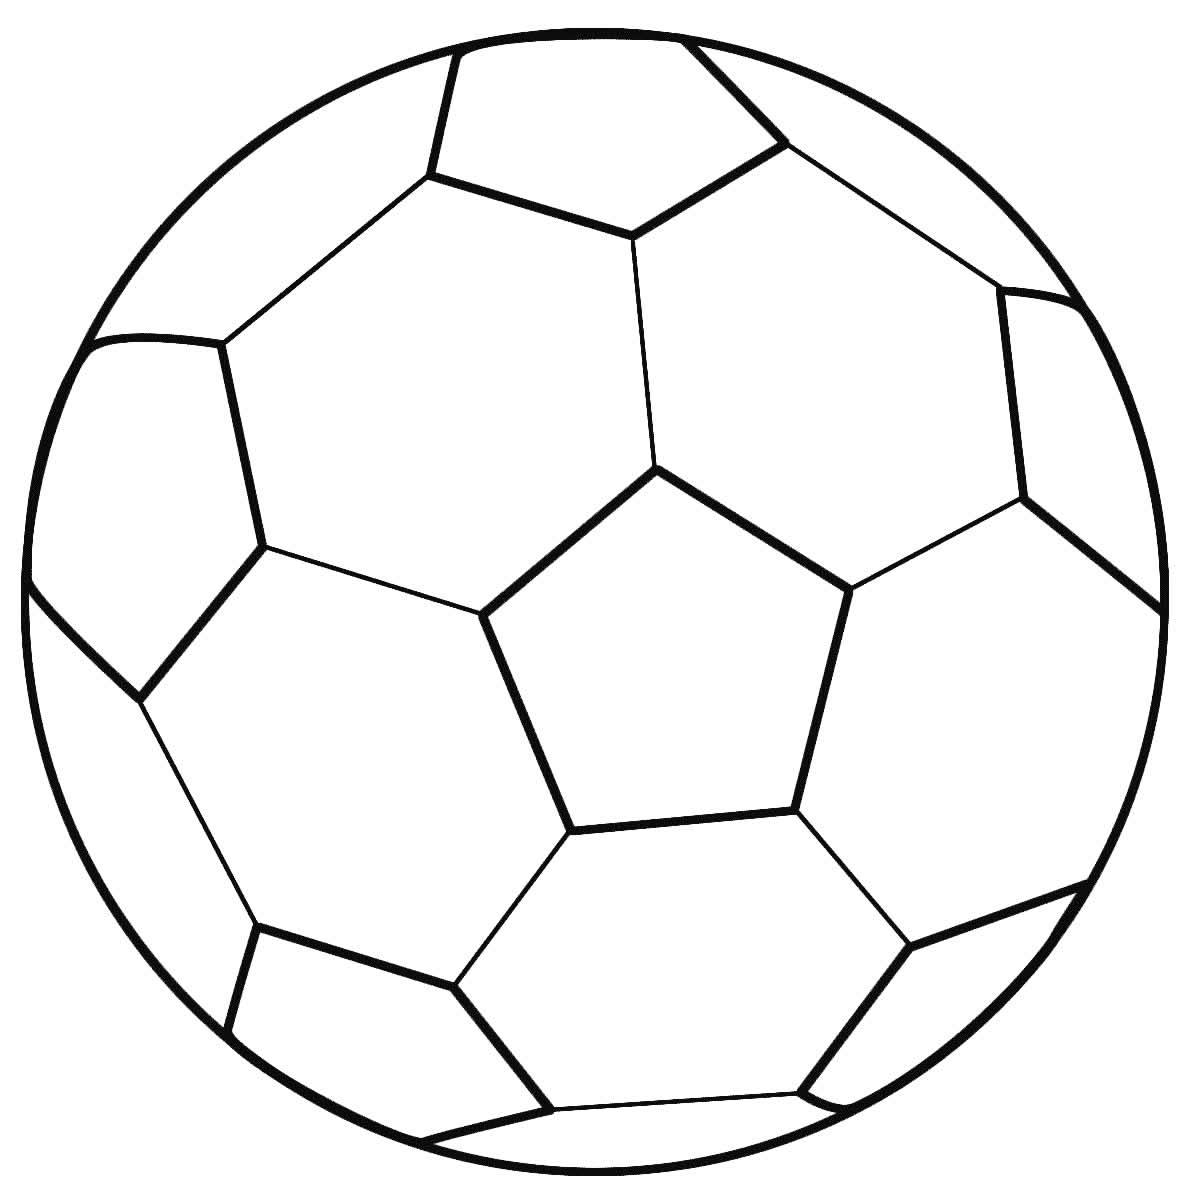 Imagens de bola para colorir